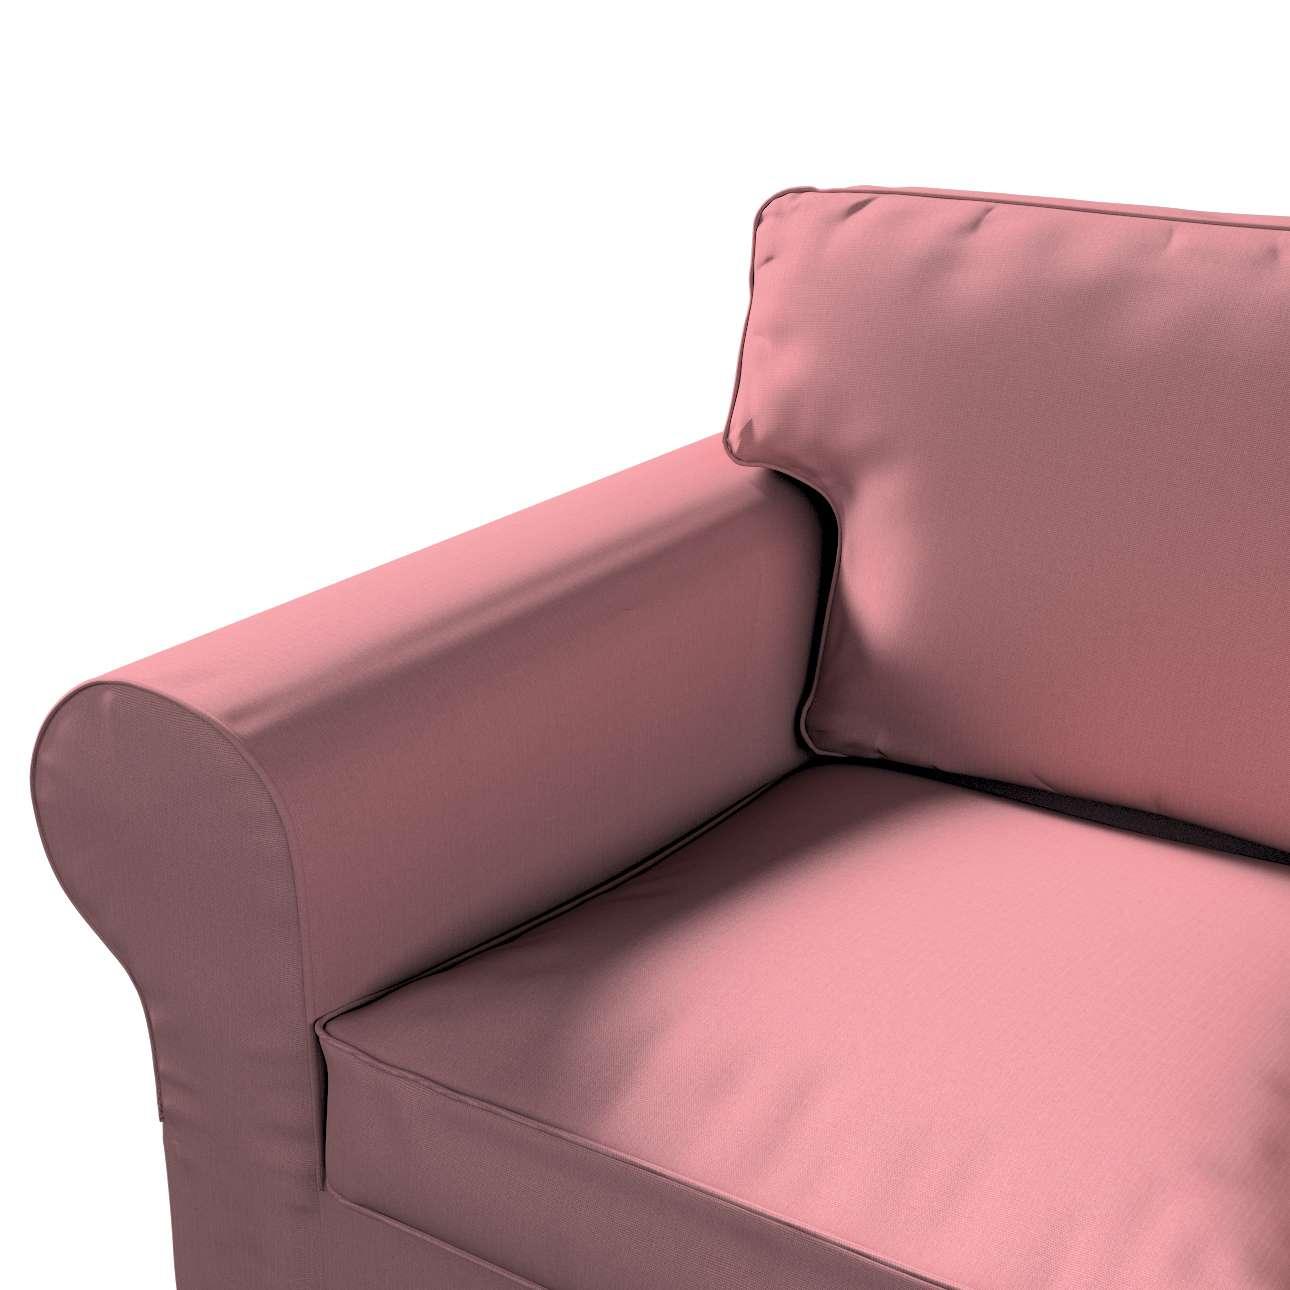 Pokrowiec na sofę Ektorp 2-osobową, rozkładaną, model do 2012 w kolekcji Cotton Panama, tkanina: 702-43